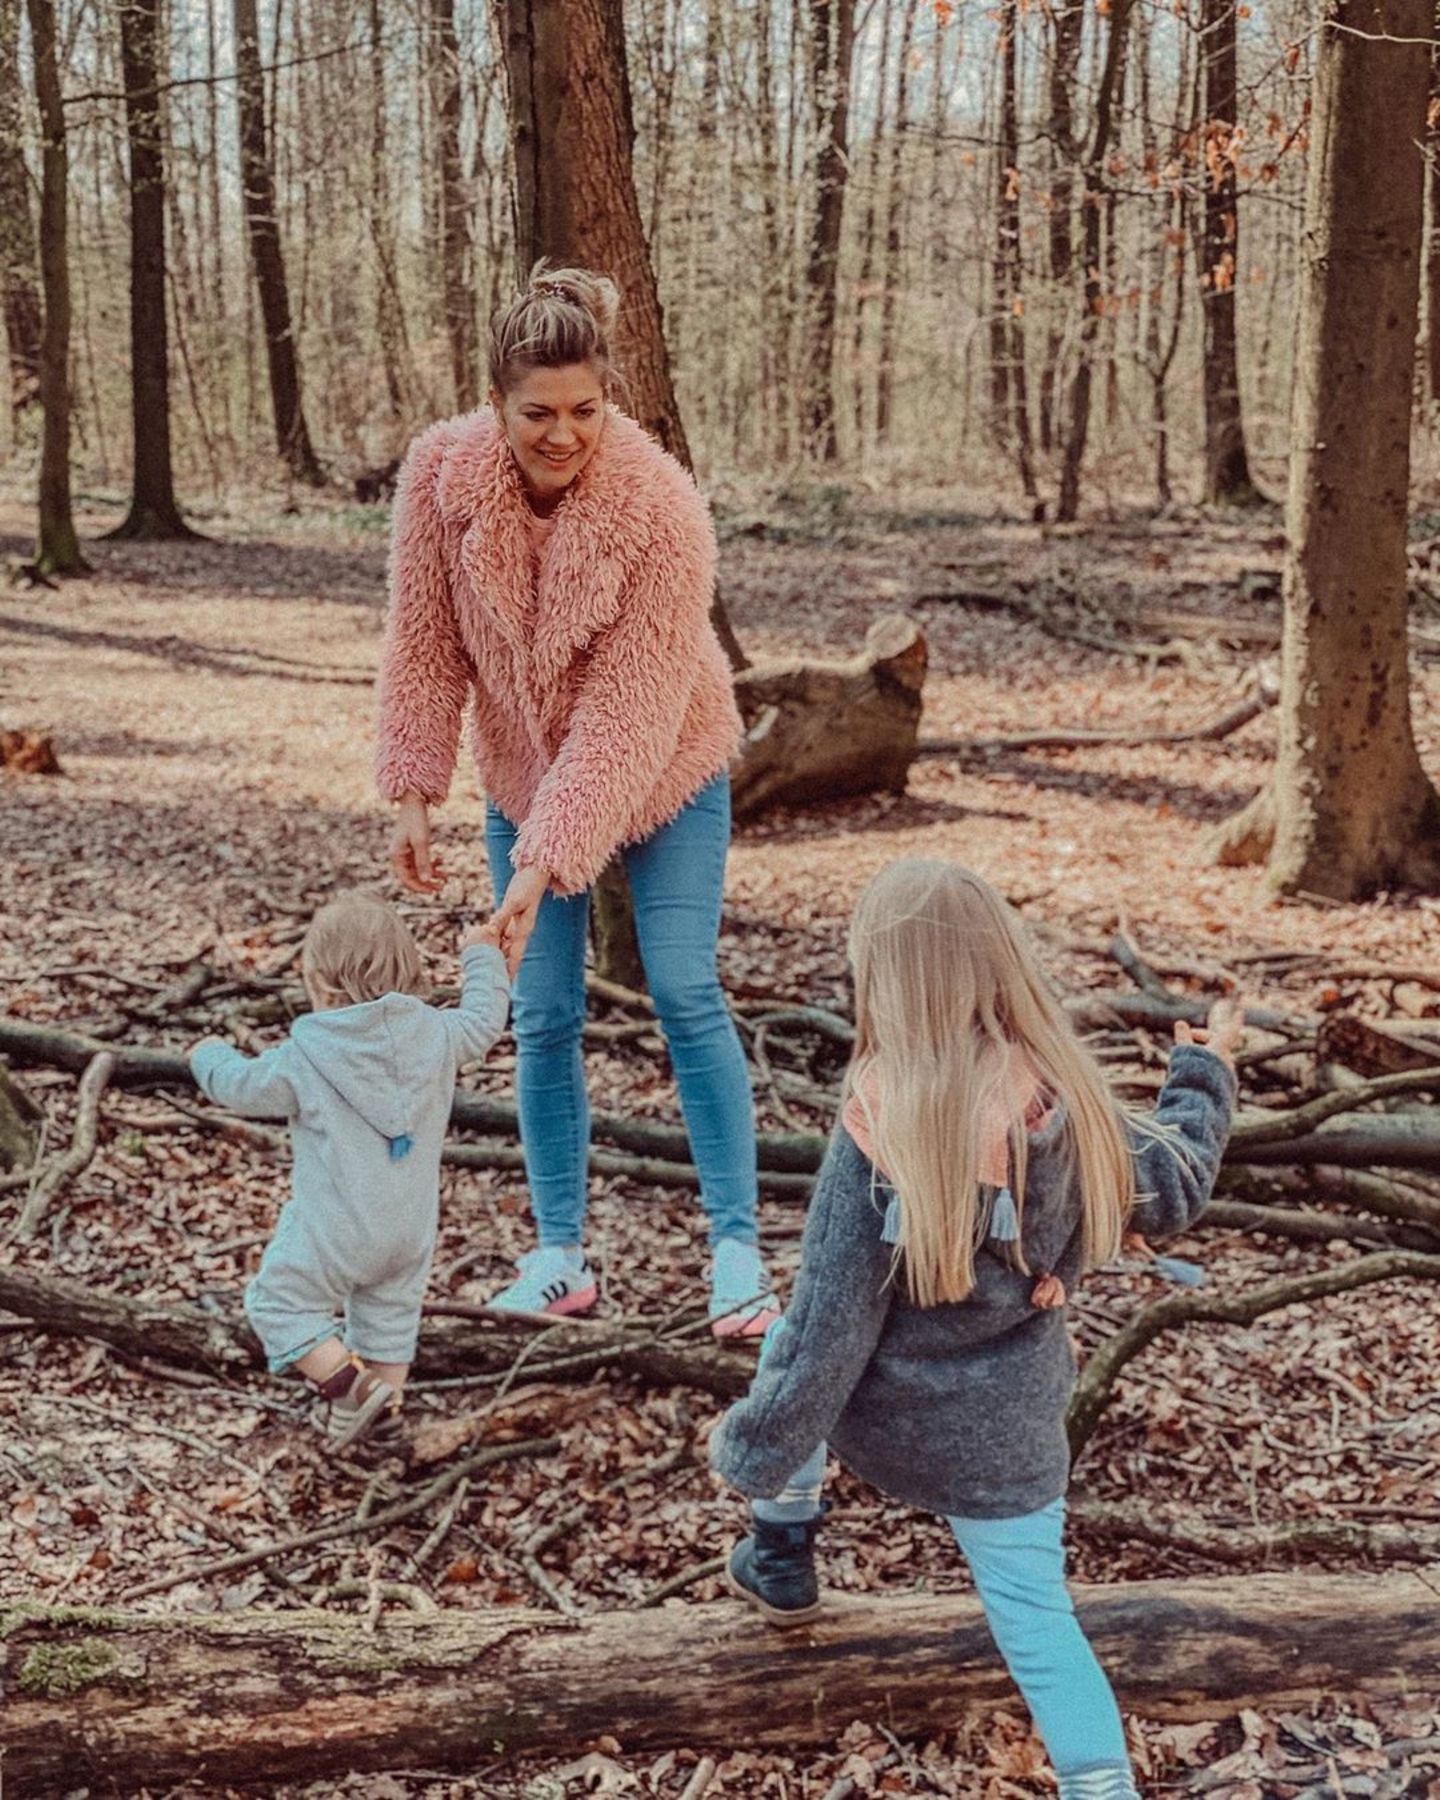 """13. April 2020  Schauspielerin Nina Bott tobt mit ihren beiden Kleinen Lio und Luna Victoria im Wald herum. """"Bei allem Respekt, der Dankbarkeit und Hochachtung für all diejenigen, die sich nicht zuhause vor Corona verstecken können, aber ich finde es herrlich, sich mal so richtig auf sich und seine Lieben konzentrieren zu können"""", besinnt sie sich auf Instagram."""